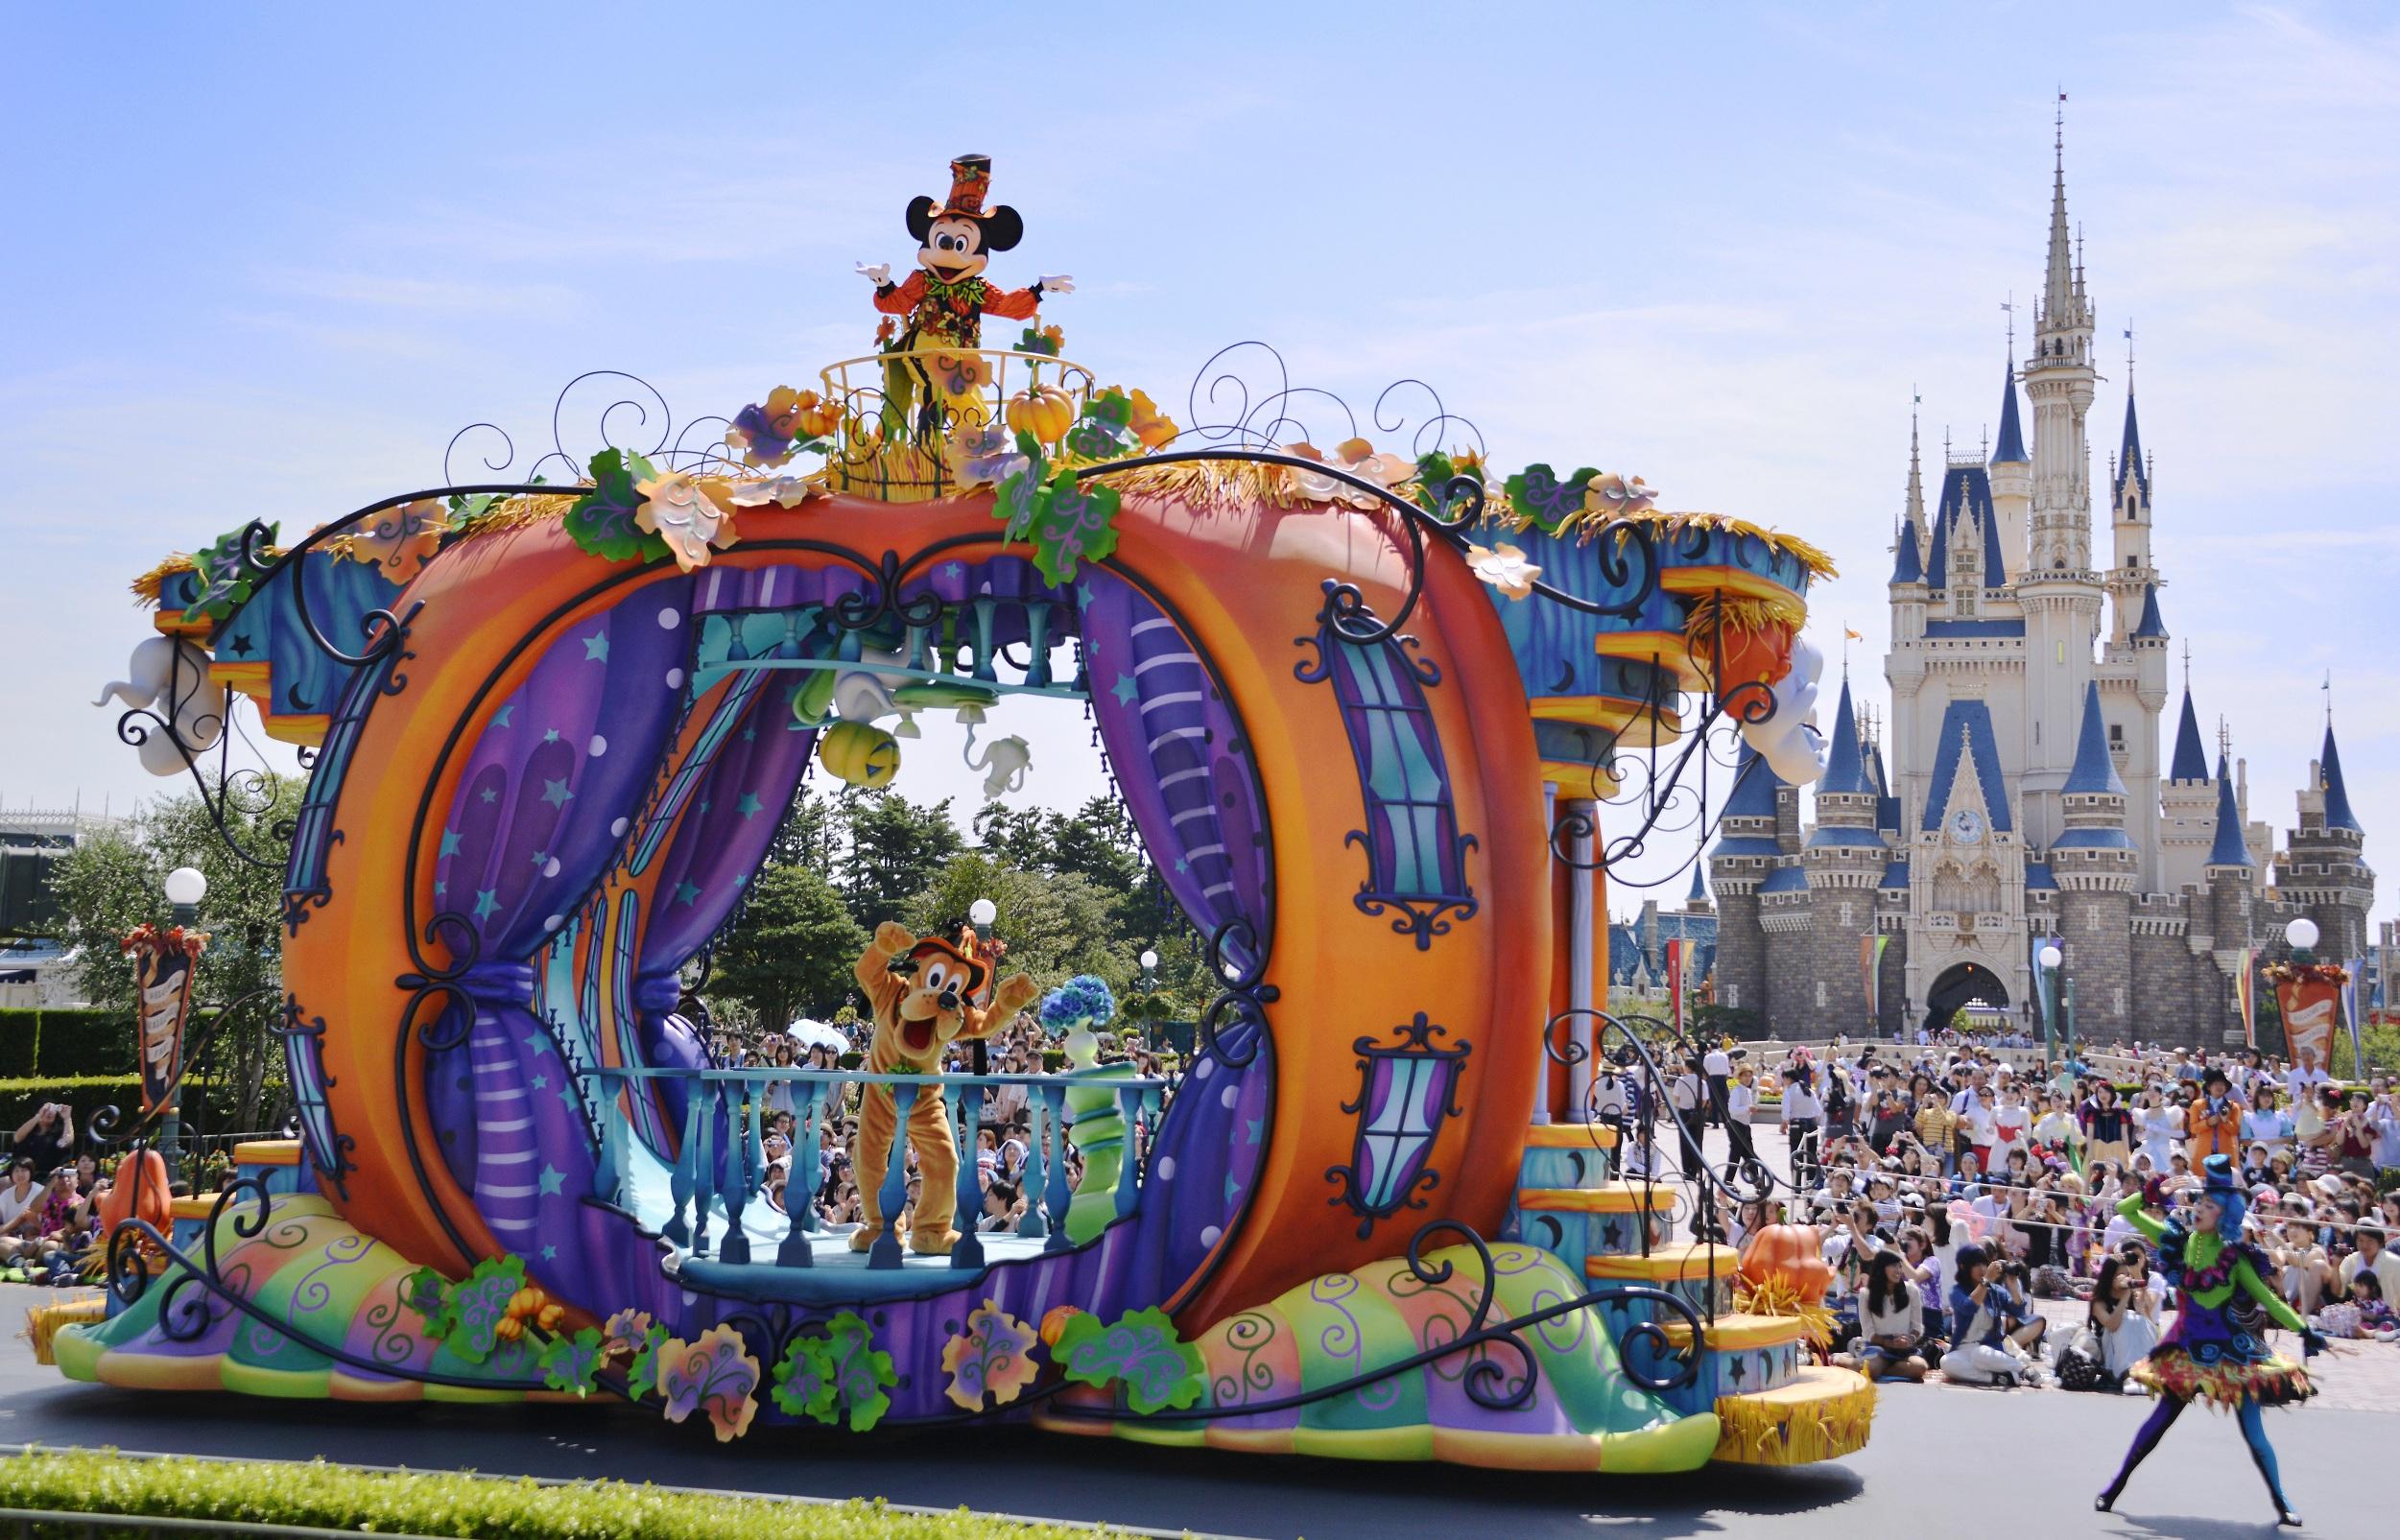 東京ディズニーランド「ディズニー・ハロウィーン」の詳細が発表されまし